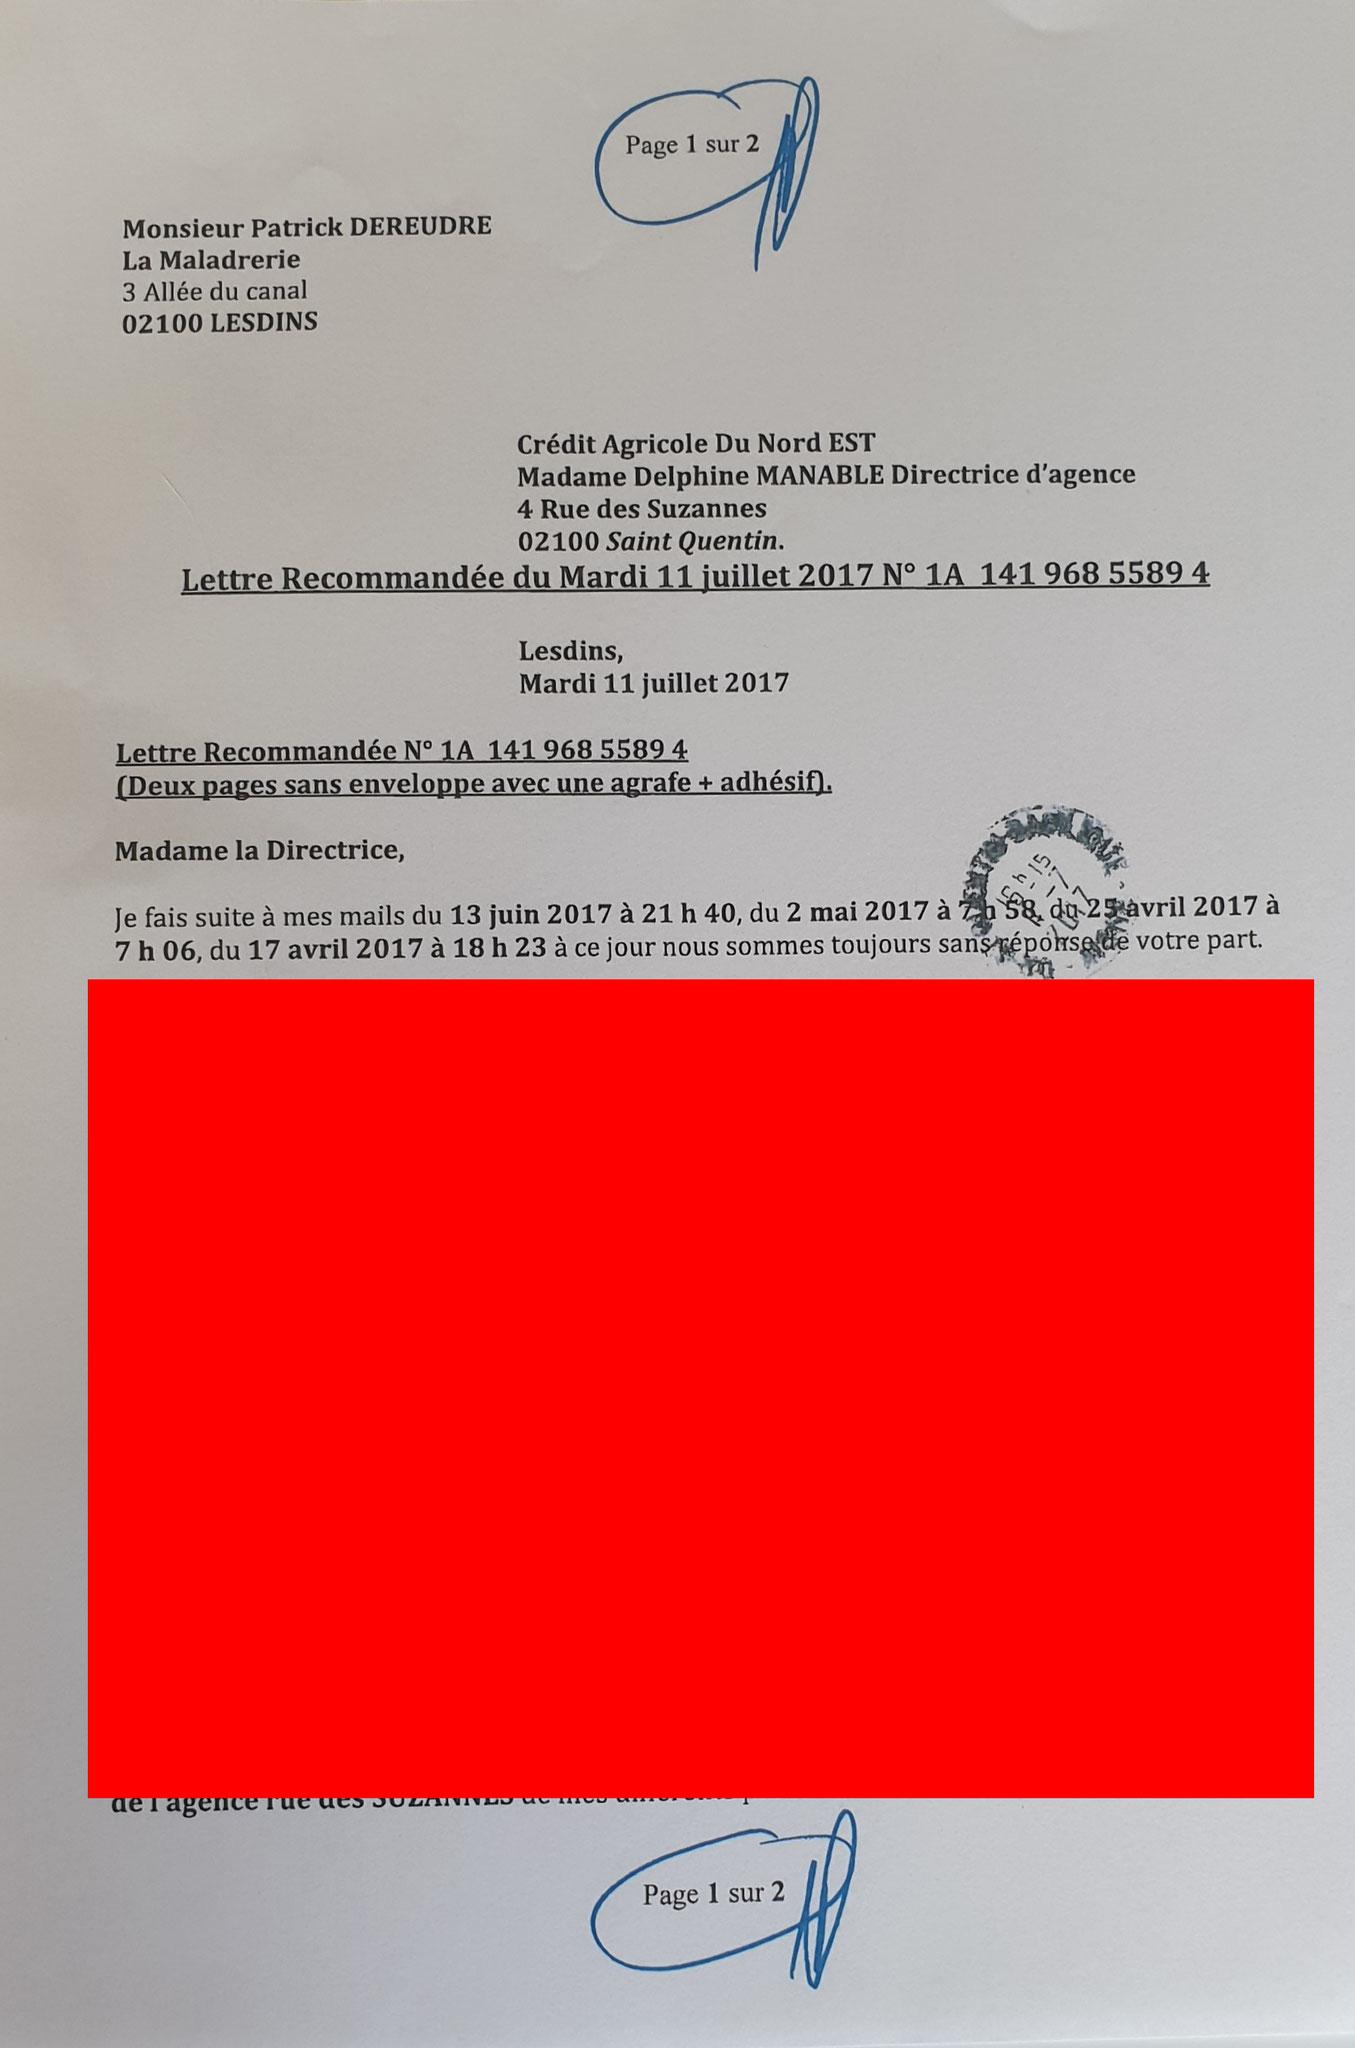 Ma Lettre recommandée du 11 Juillet 2017 N0 1A 141 968 5589 4 de deux pages www.jesuispatrick.fr